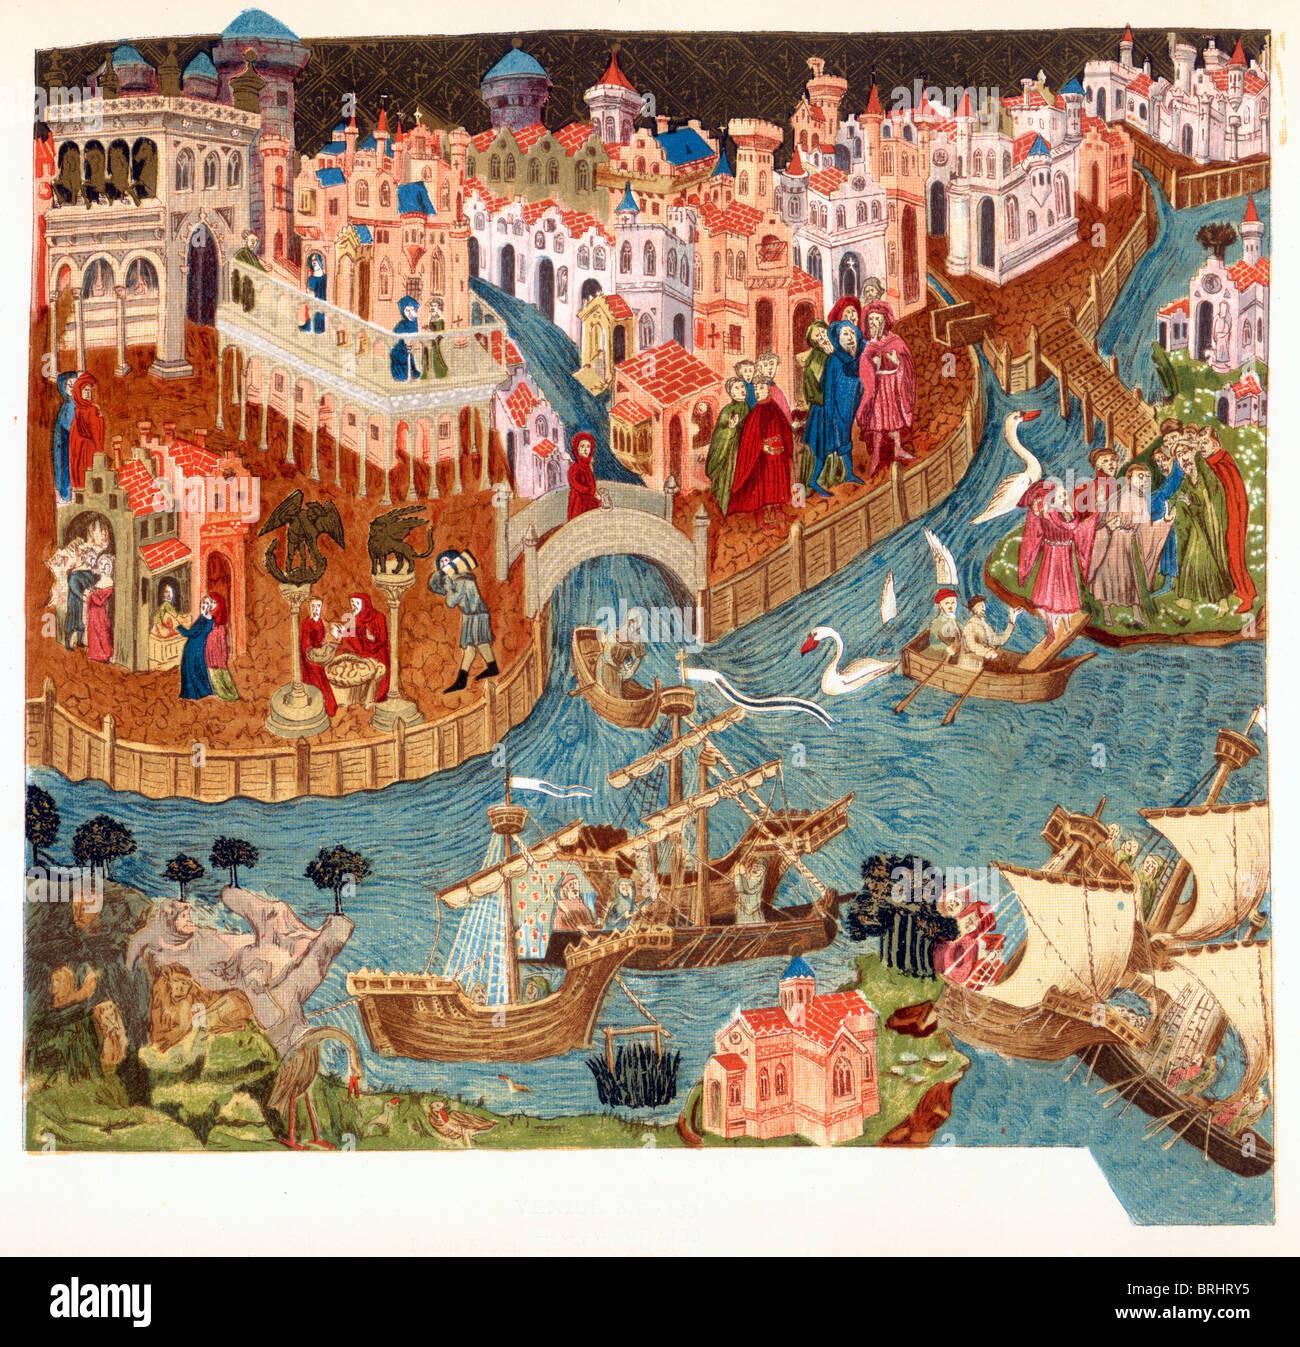 Farbe Abbildung; Venedig im Jahr 1338; aus einer mittelalterlichen Handschrift in der Bodleian Library Stockbild